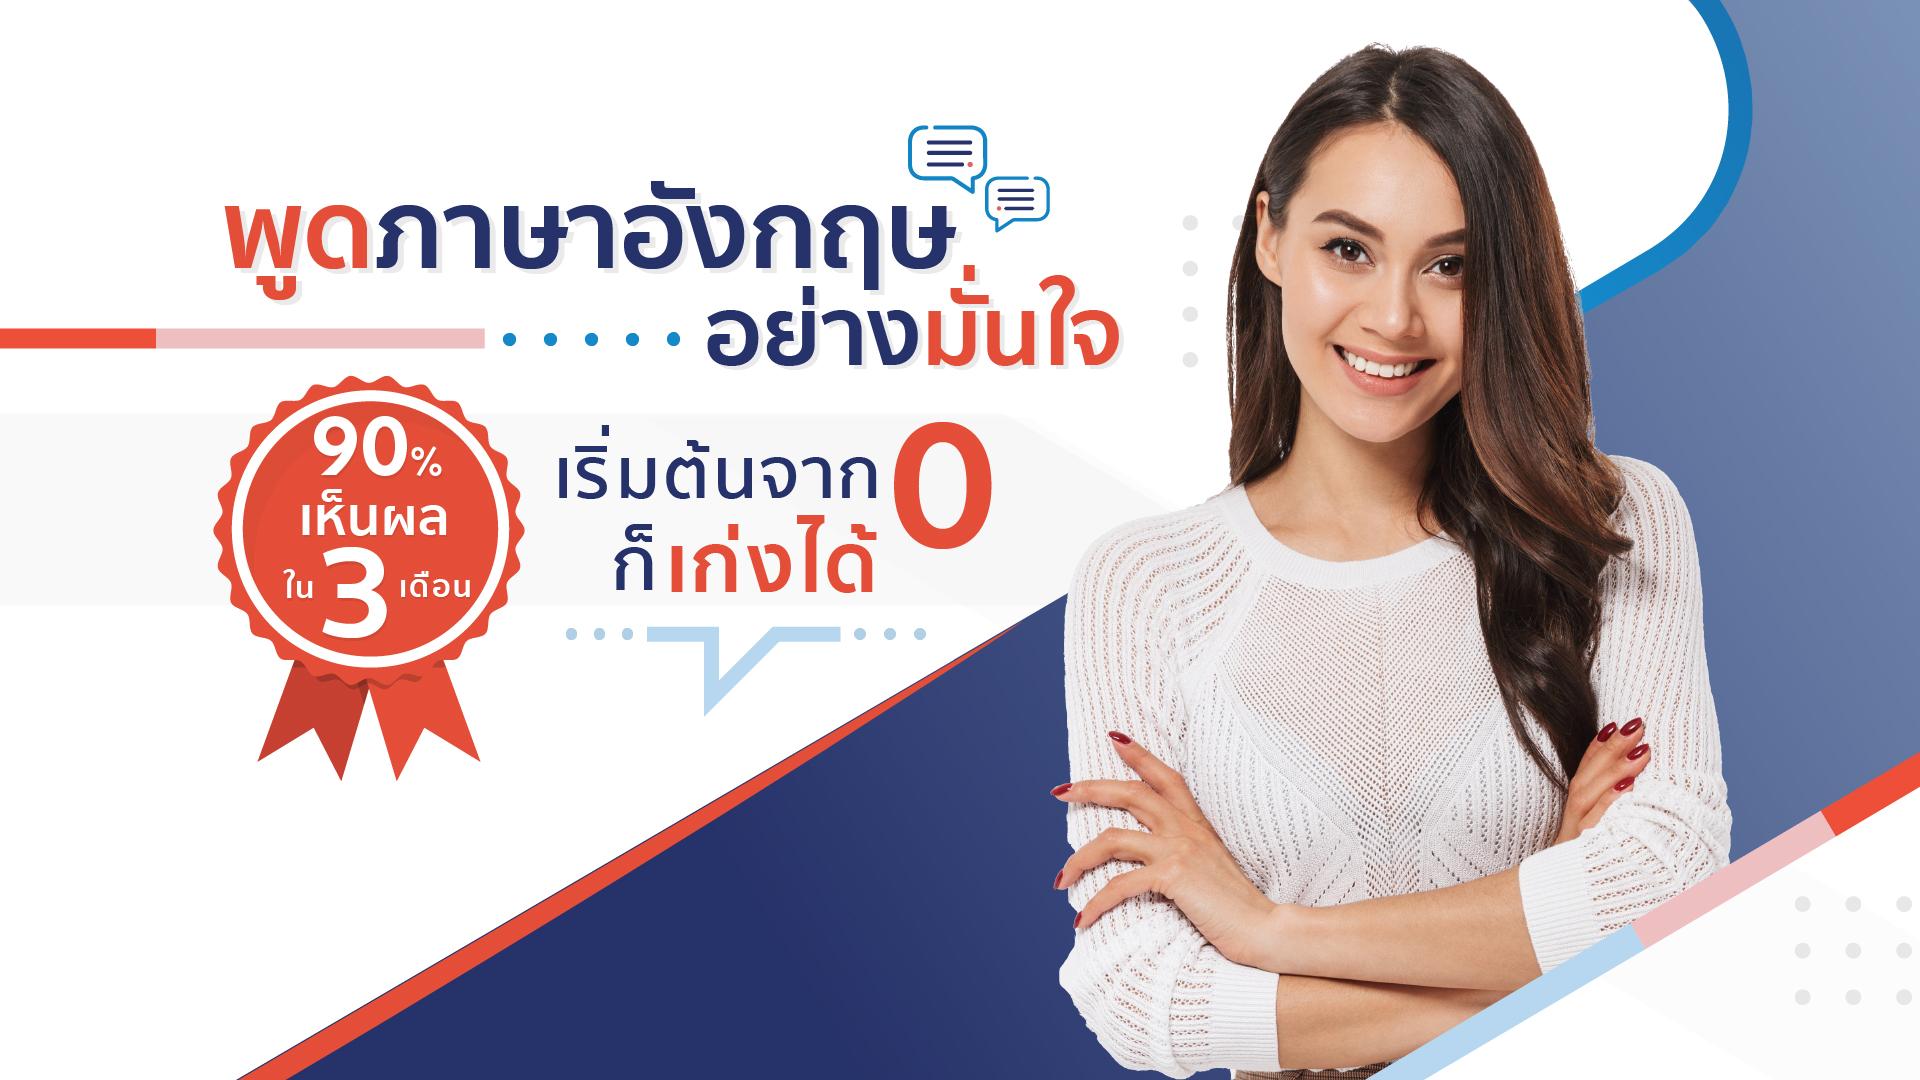 engoo thailand campaign banner